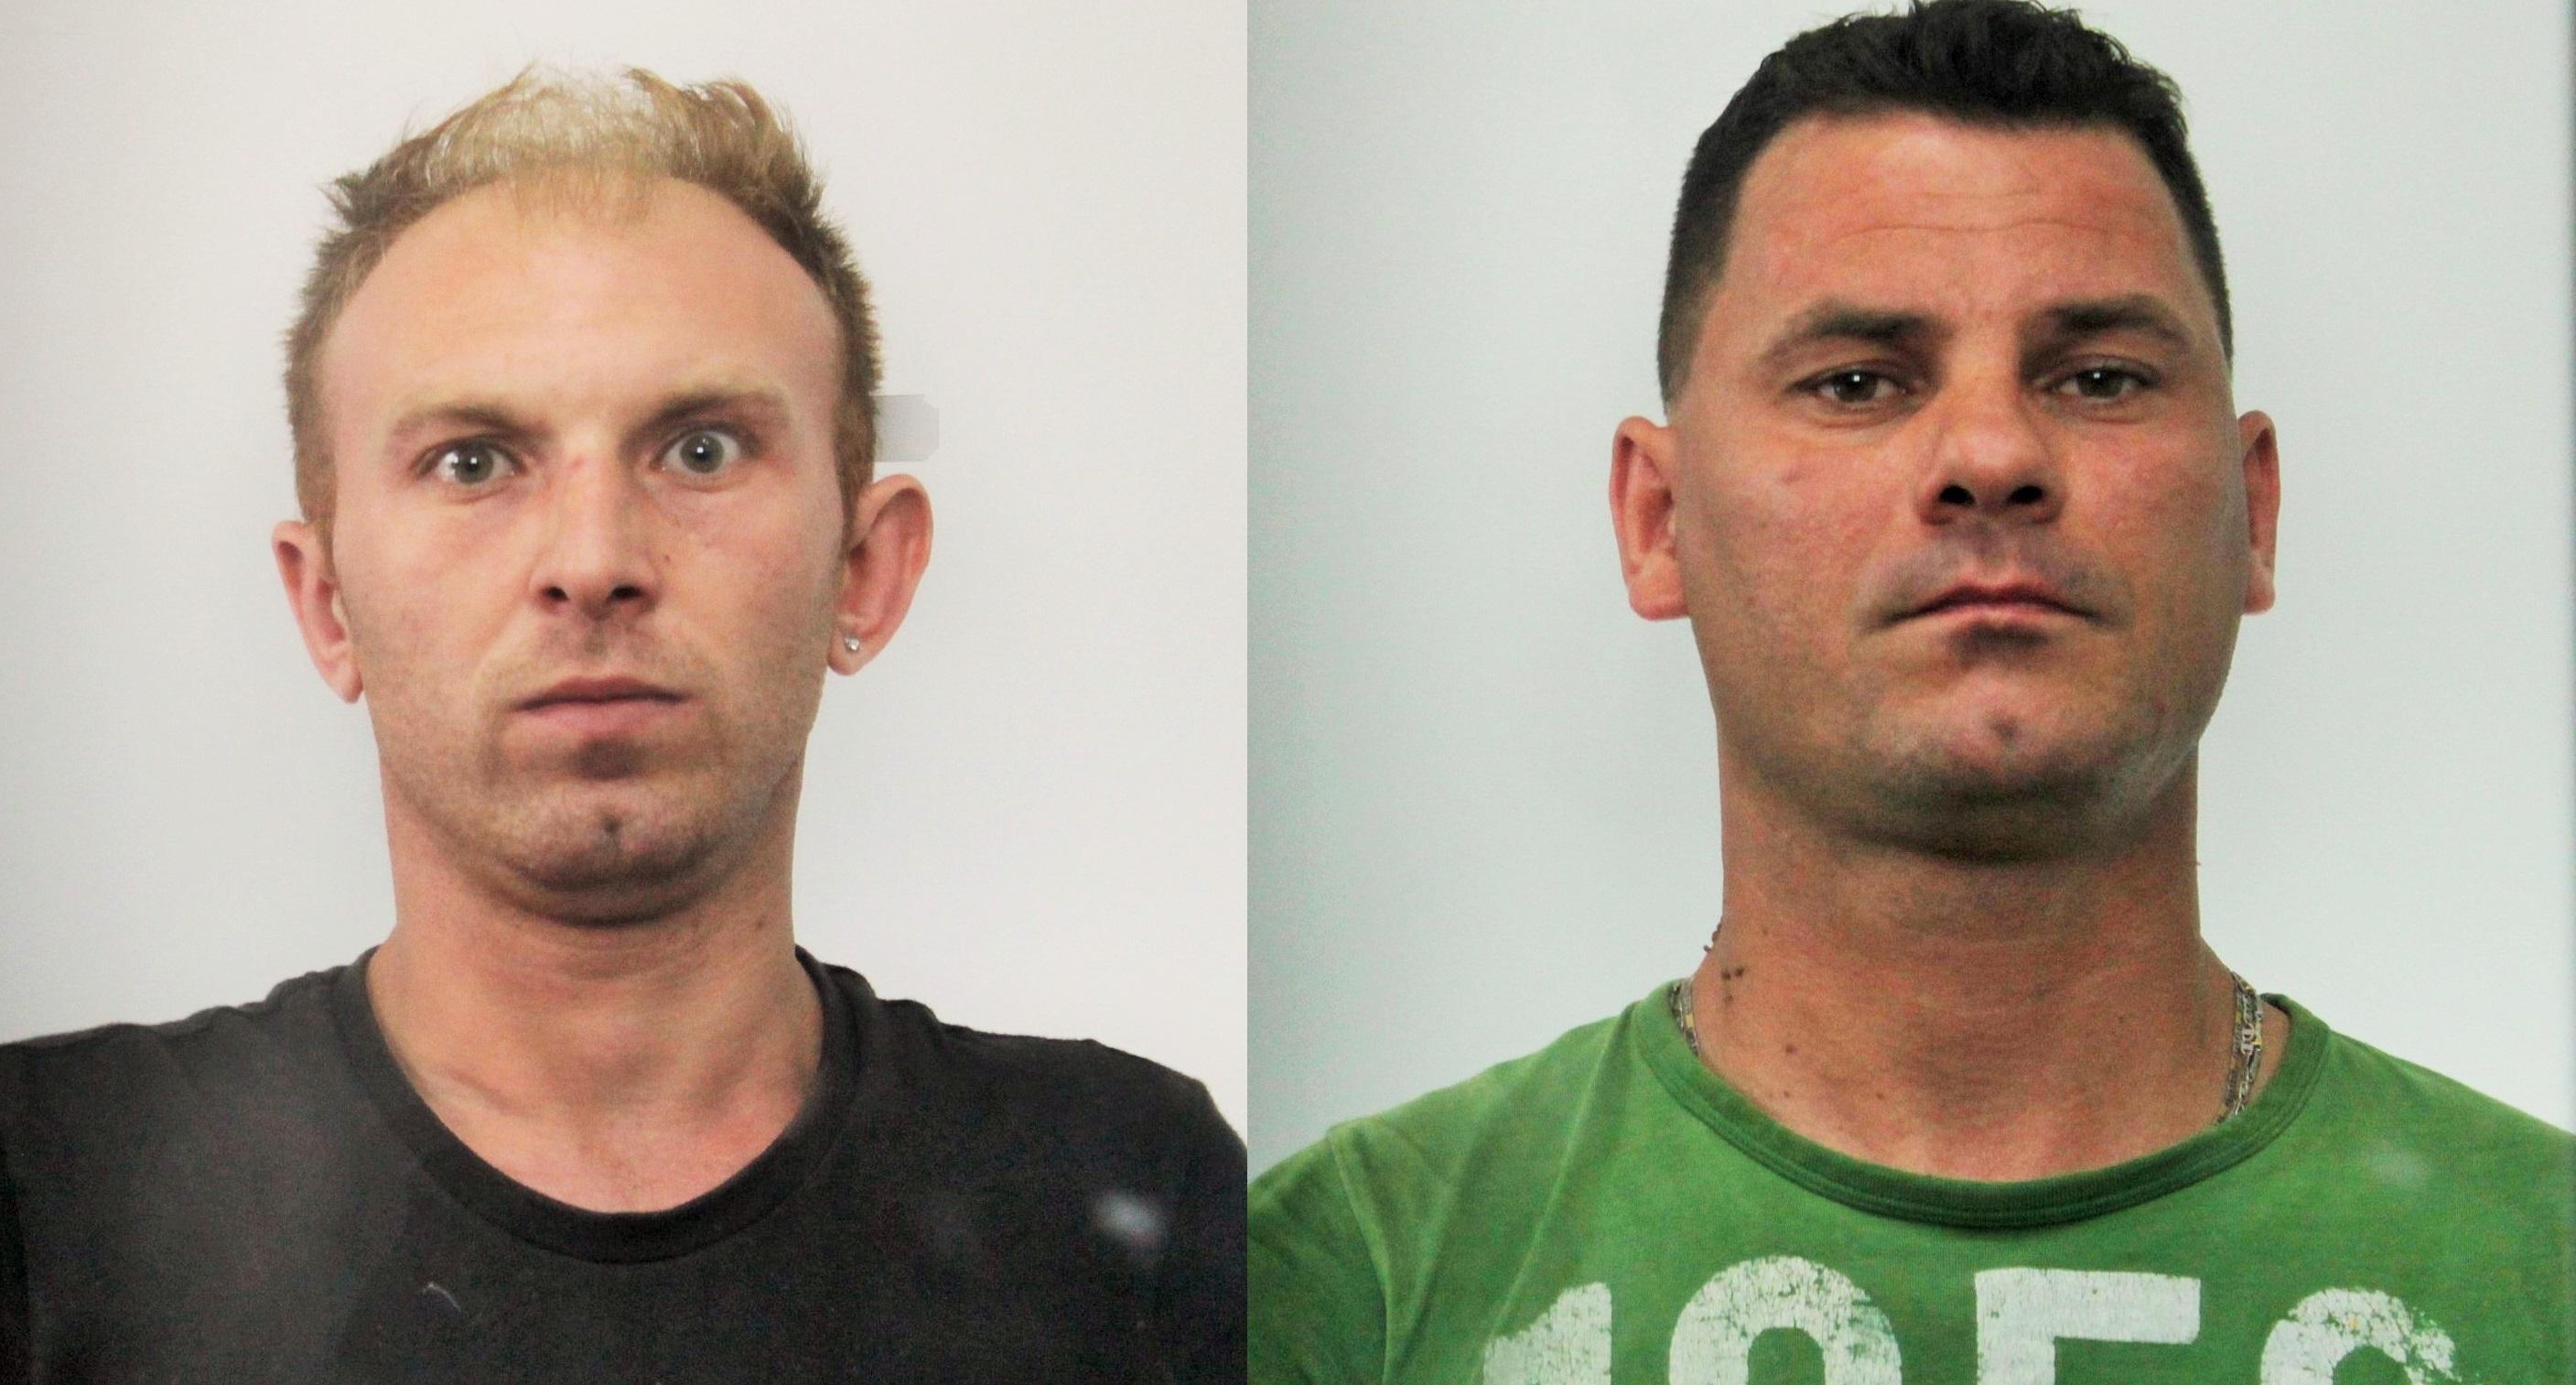 Rubavano negli uffici pubblici: arrestati romeni. Sono ladri professionisti FOTO